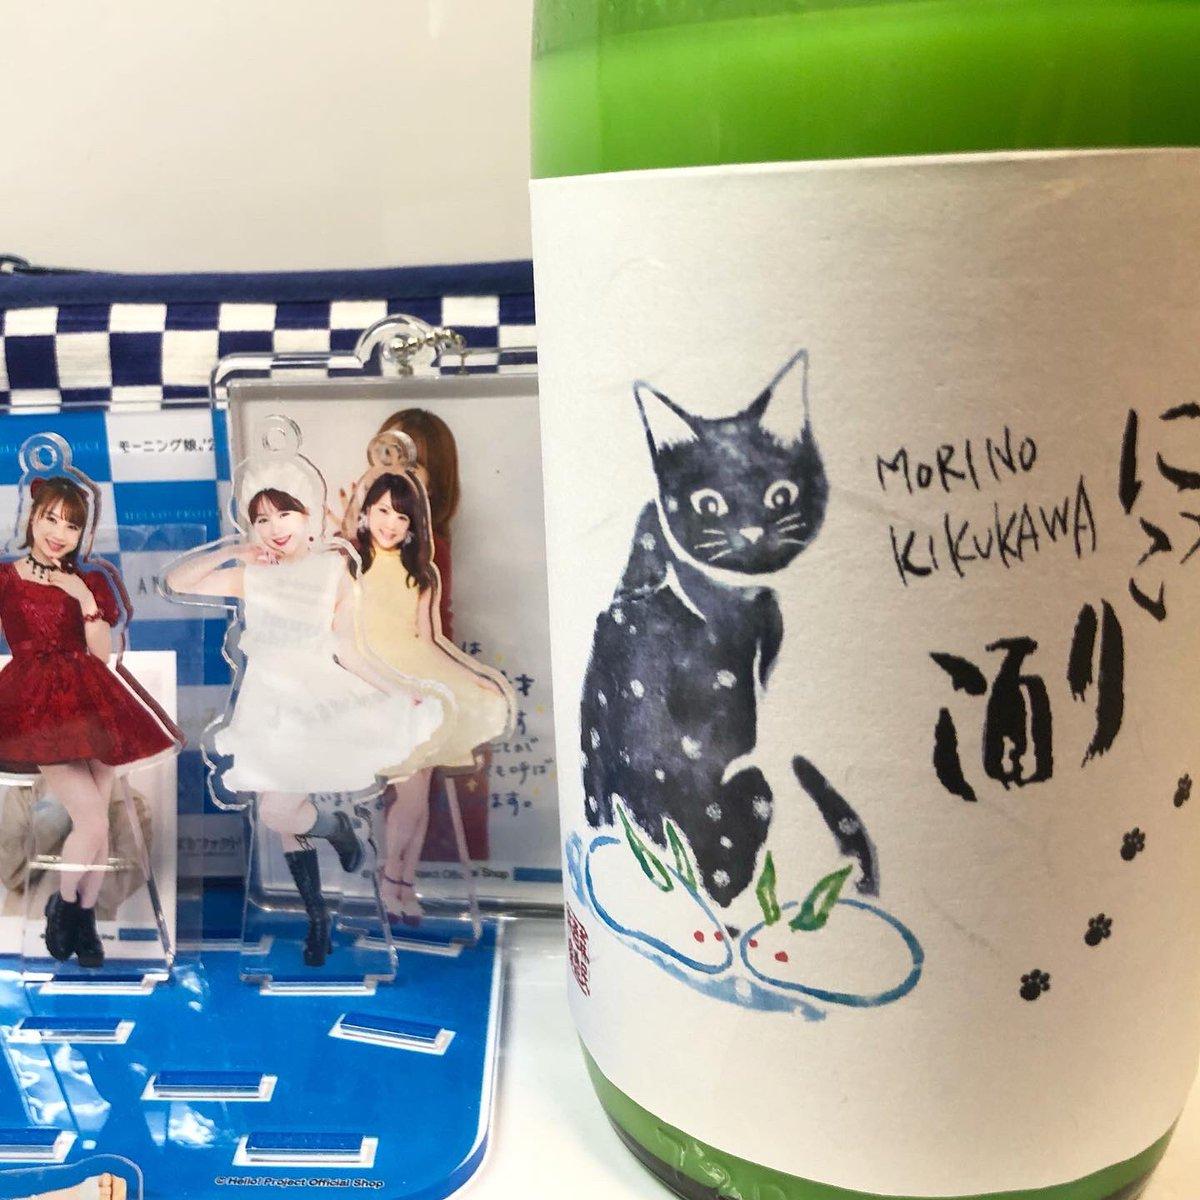 test ツイッターメディア - 寝酒に森民酒造の森乃菊川にごり酒を飲んでいますなう。  アテは21日に仙台駅で買った鐘崎の笹かま仙台せりと阿部蒲鉾店のチーズボールにしました。 https://t.co/48cdWq2rsr